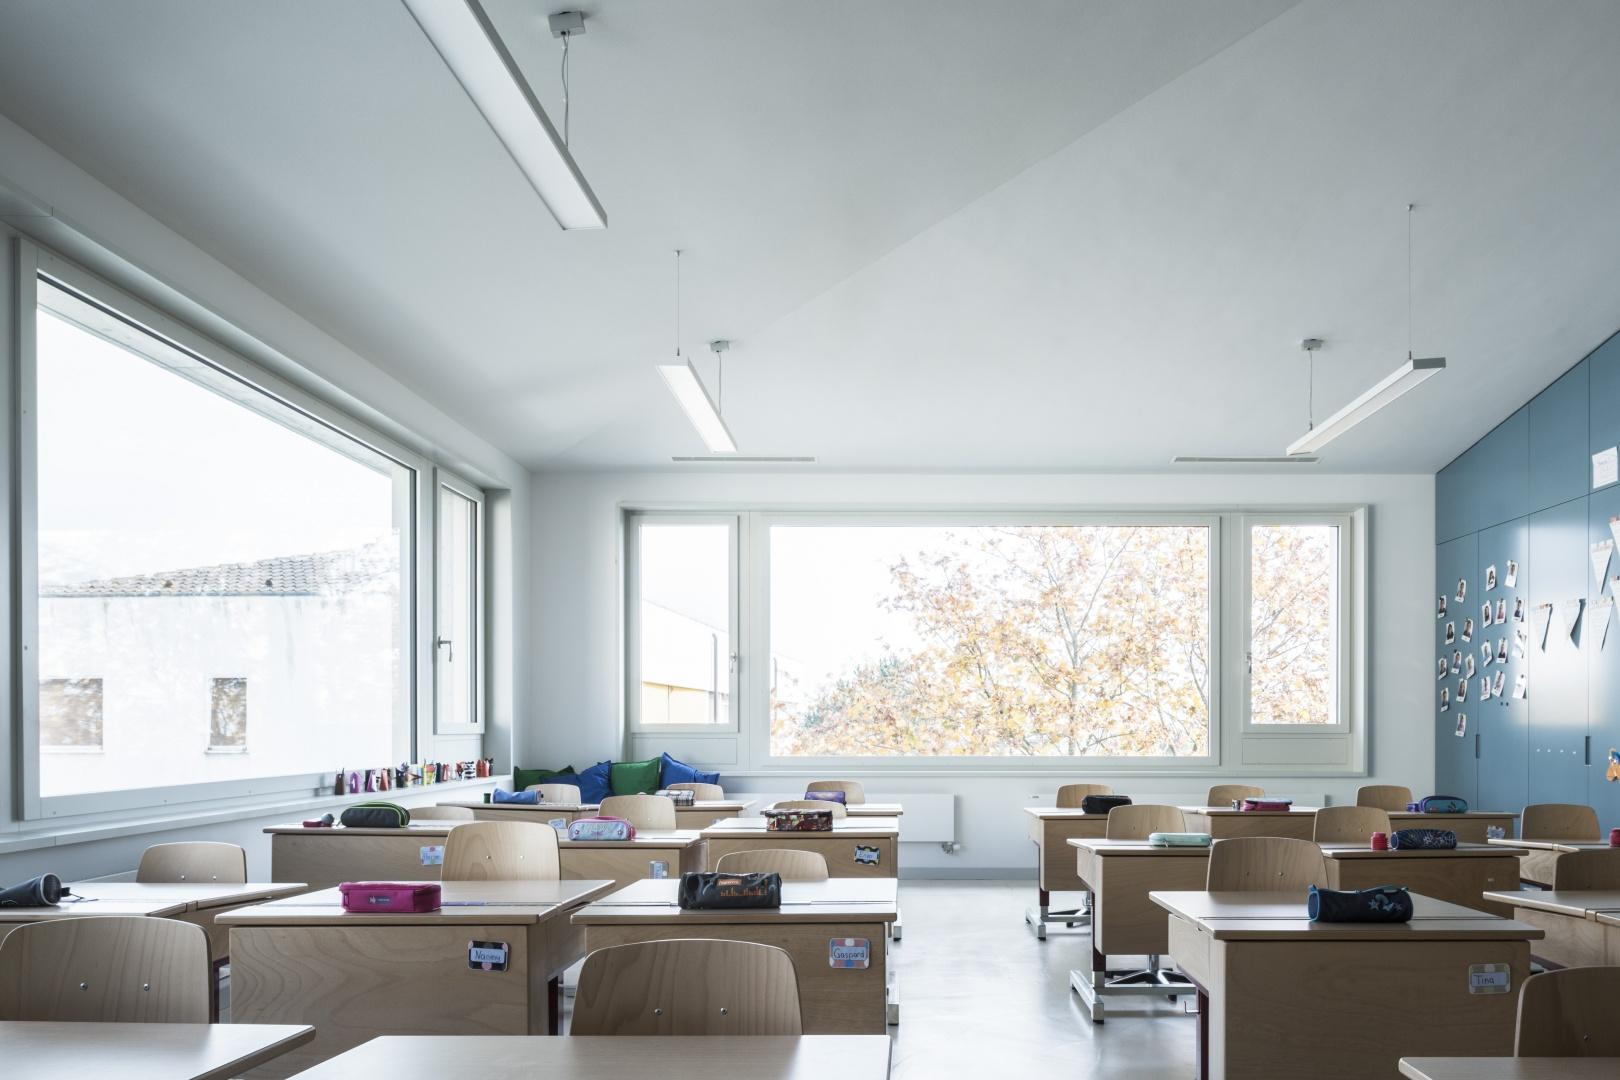 Primarklasse © Dominique Marc Wehrli, Atelier für Architektur, Else-Züblin-Strasse 112, 8404 Winterthur,